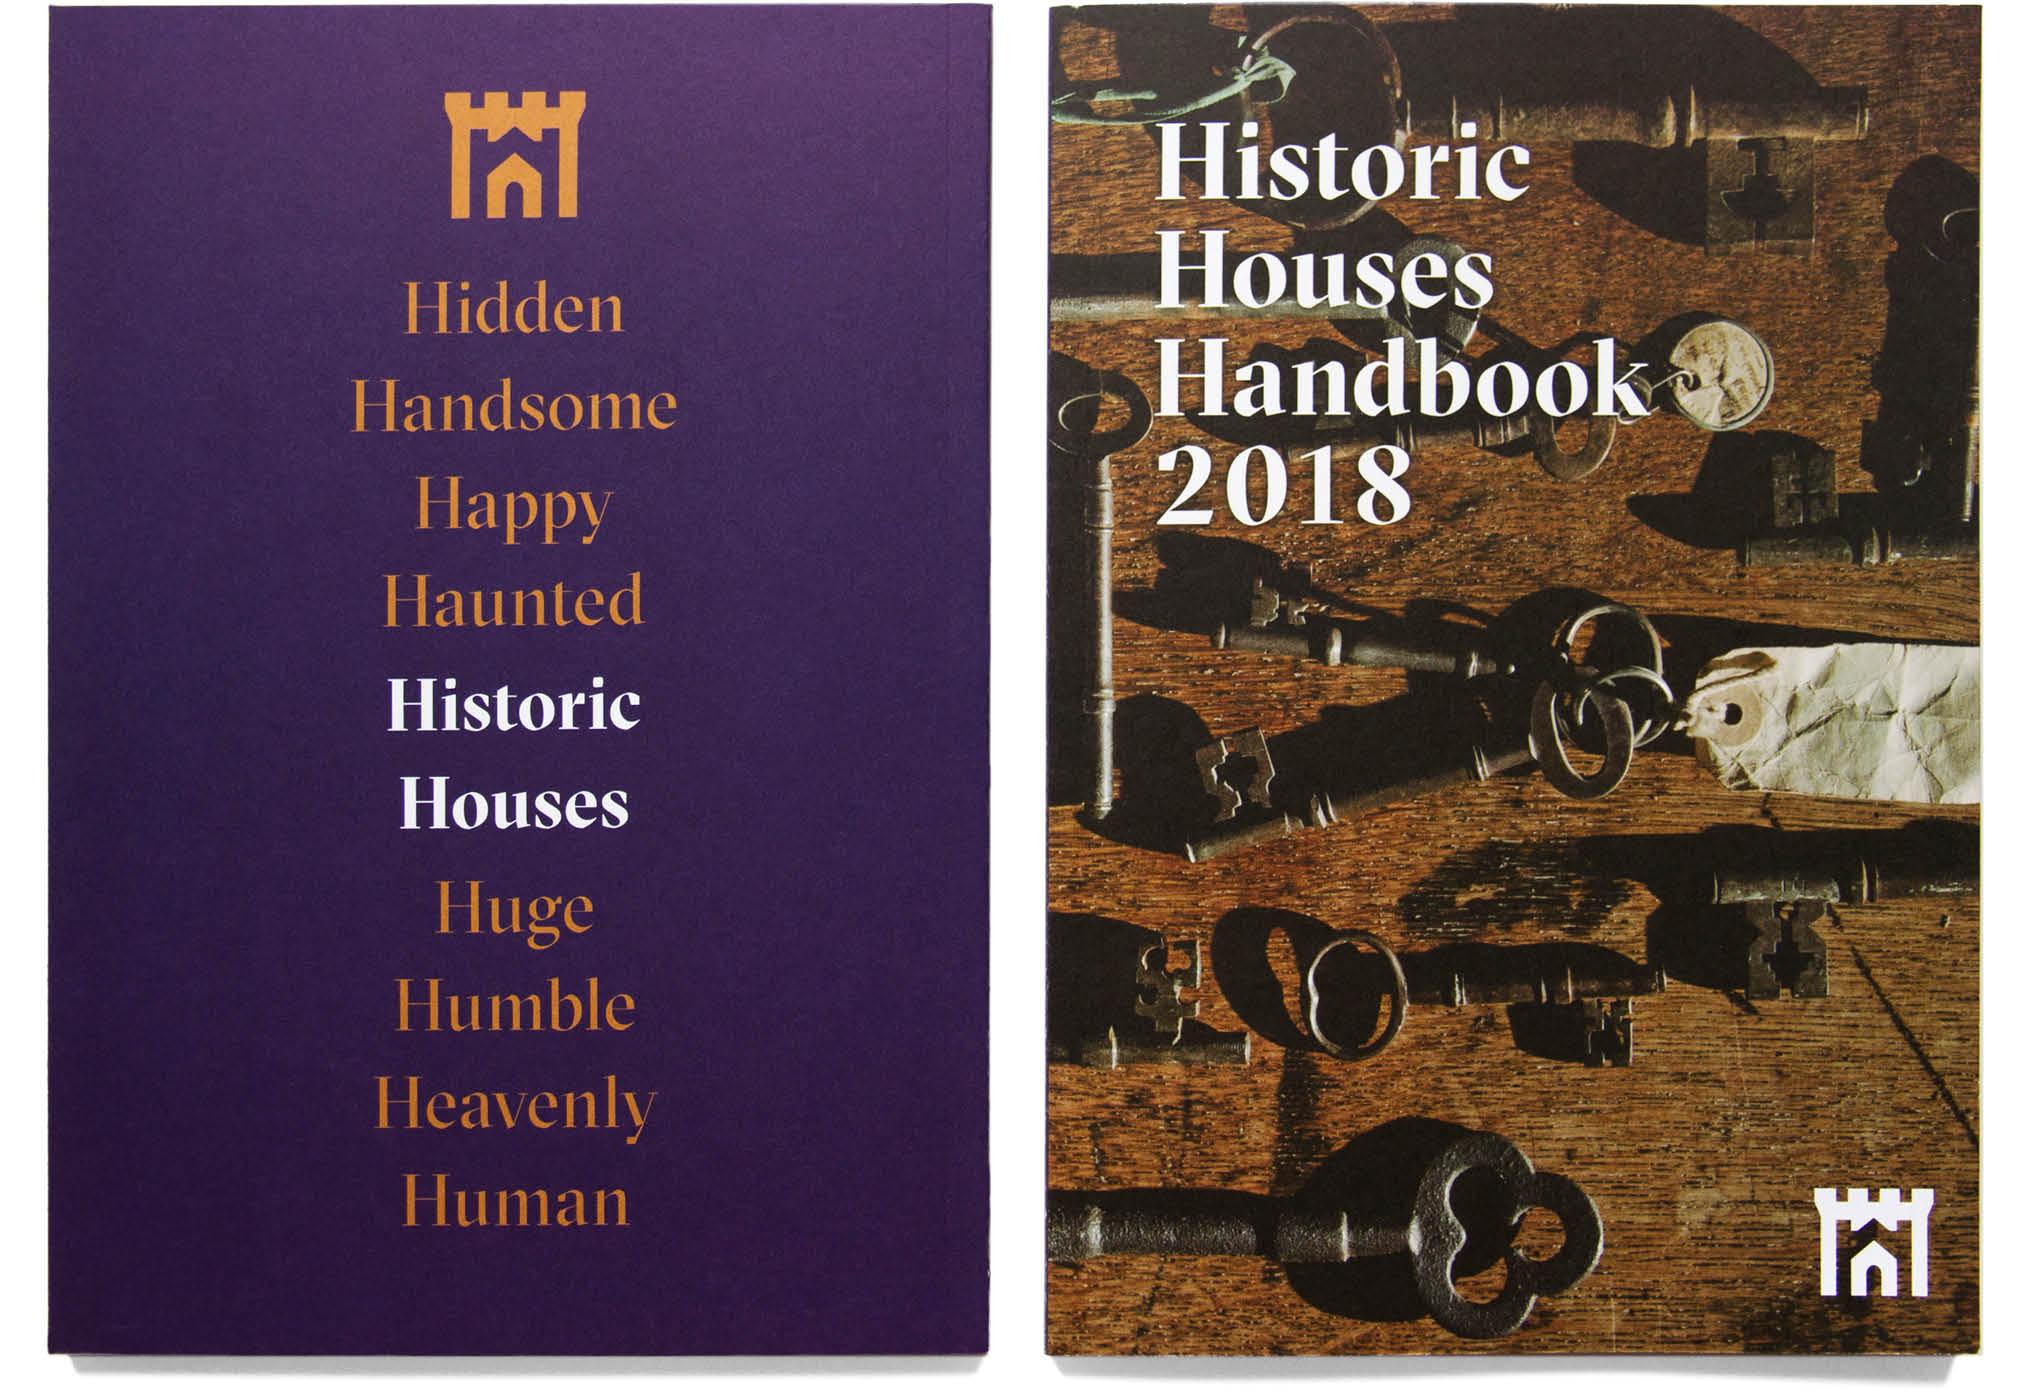 HH_Wesbite_Case_Study_Handbook-1